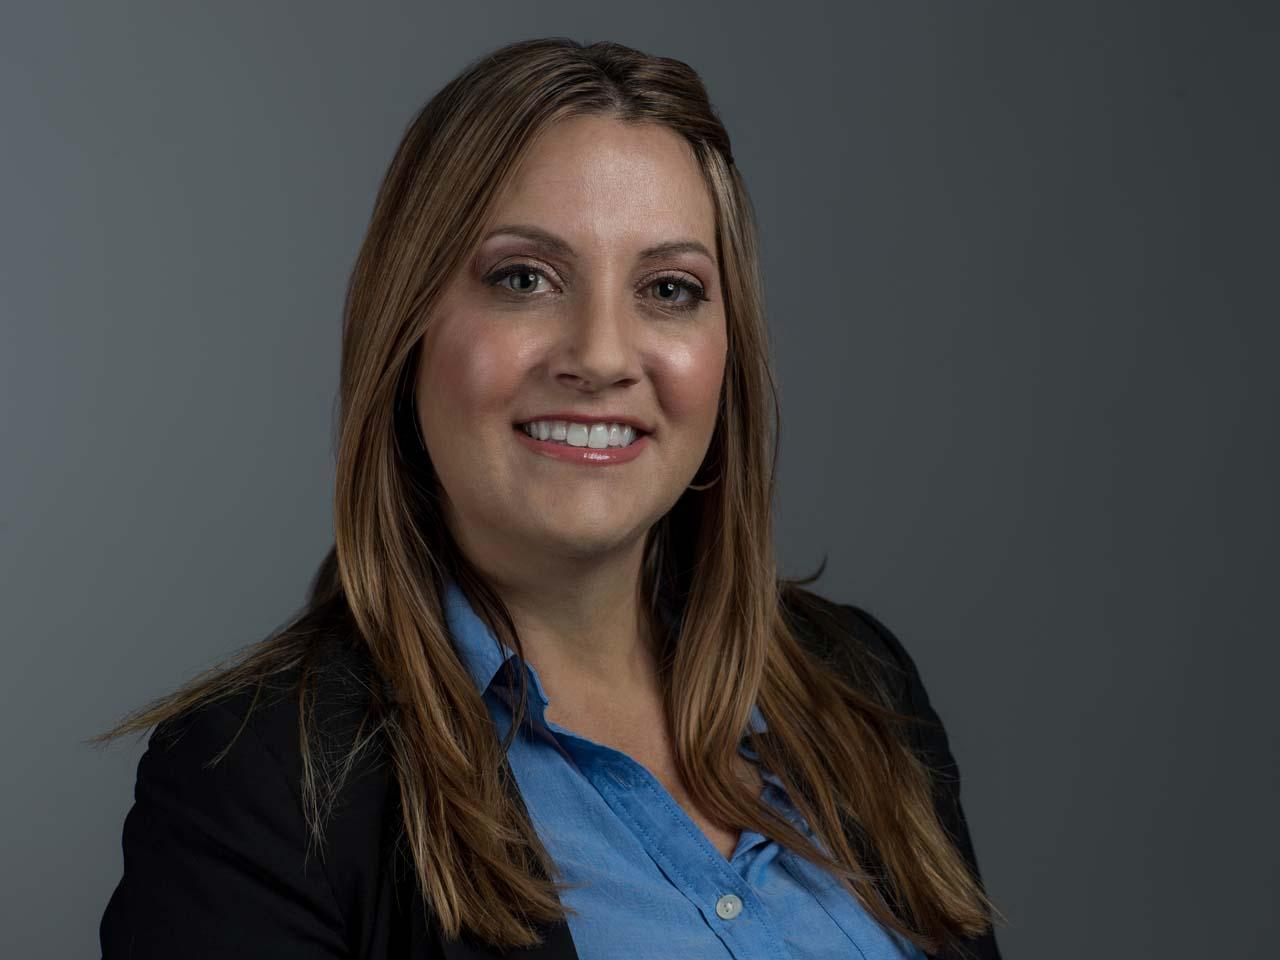 Cindy Rosser